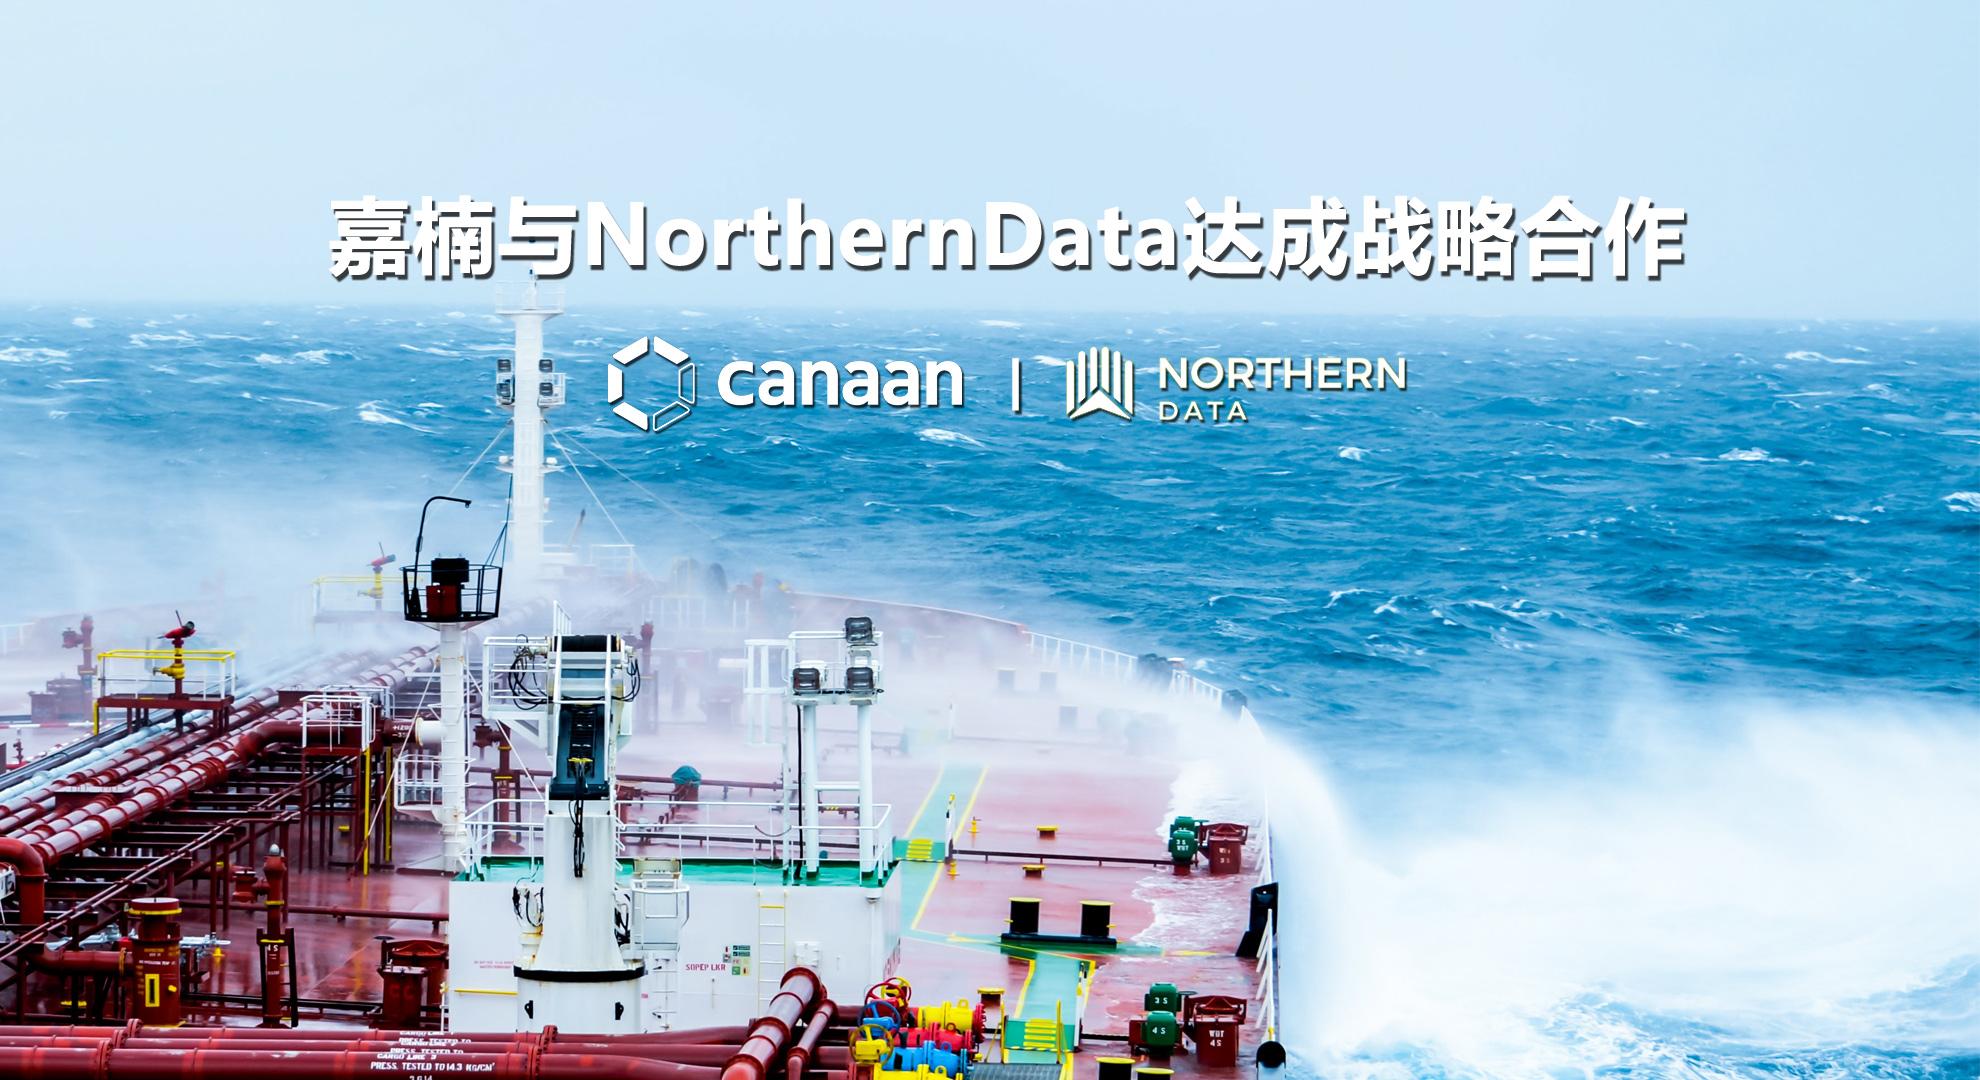 嘉楠与Northern Data达成战略合作,两强联合推动区块链、AI进一步发展